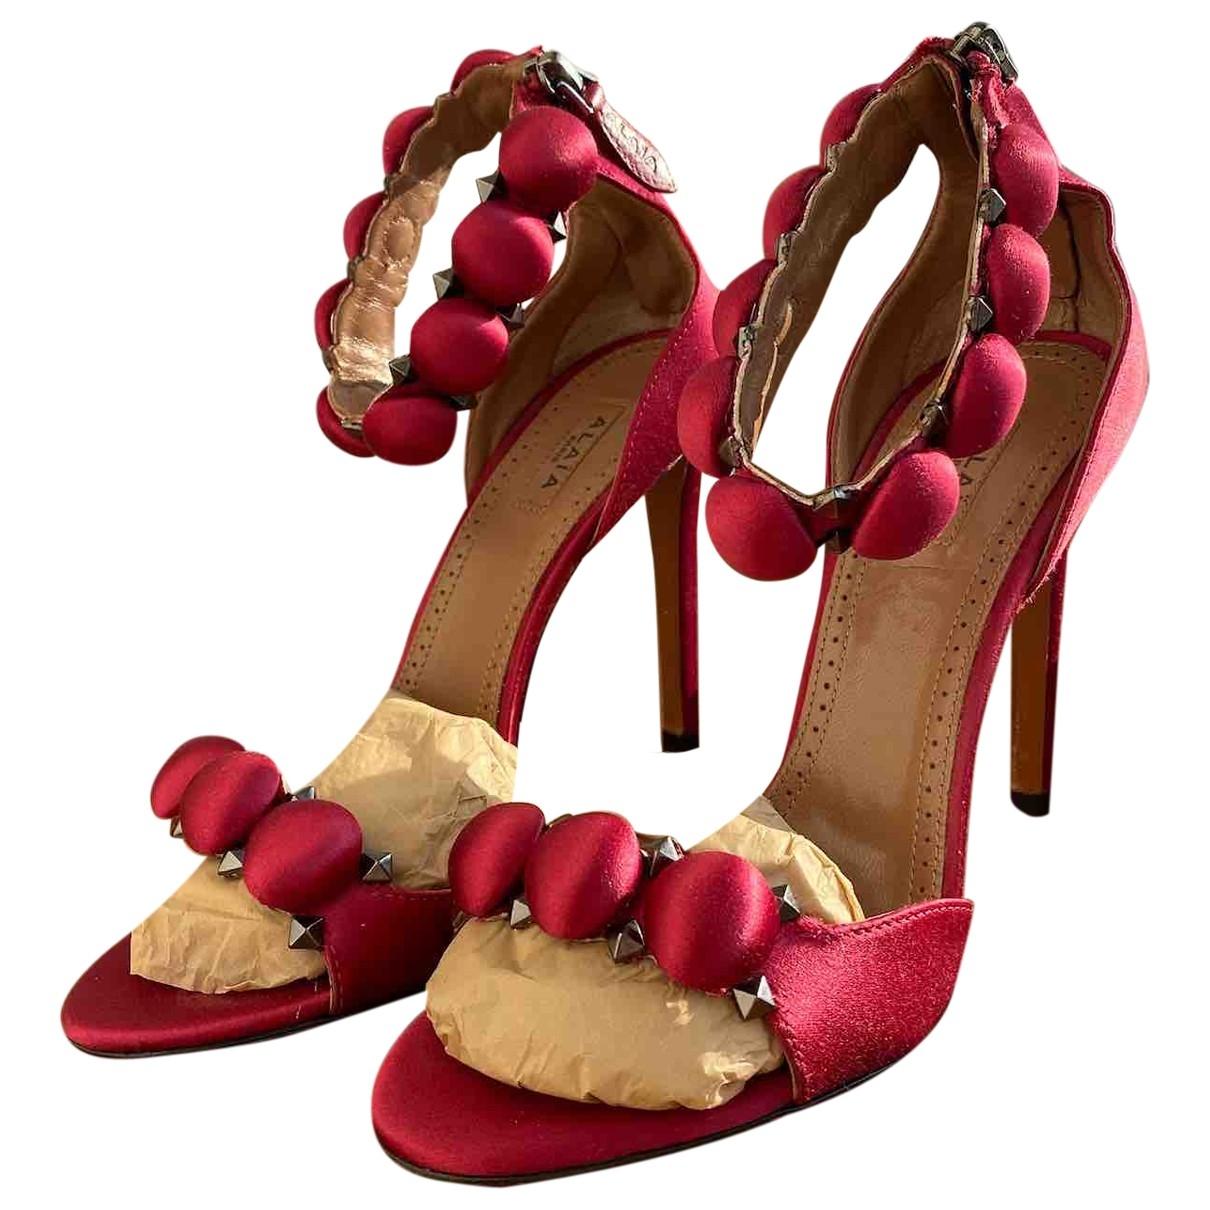 Sandalias de Lona Alaia